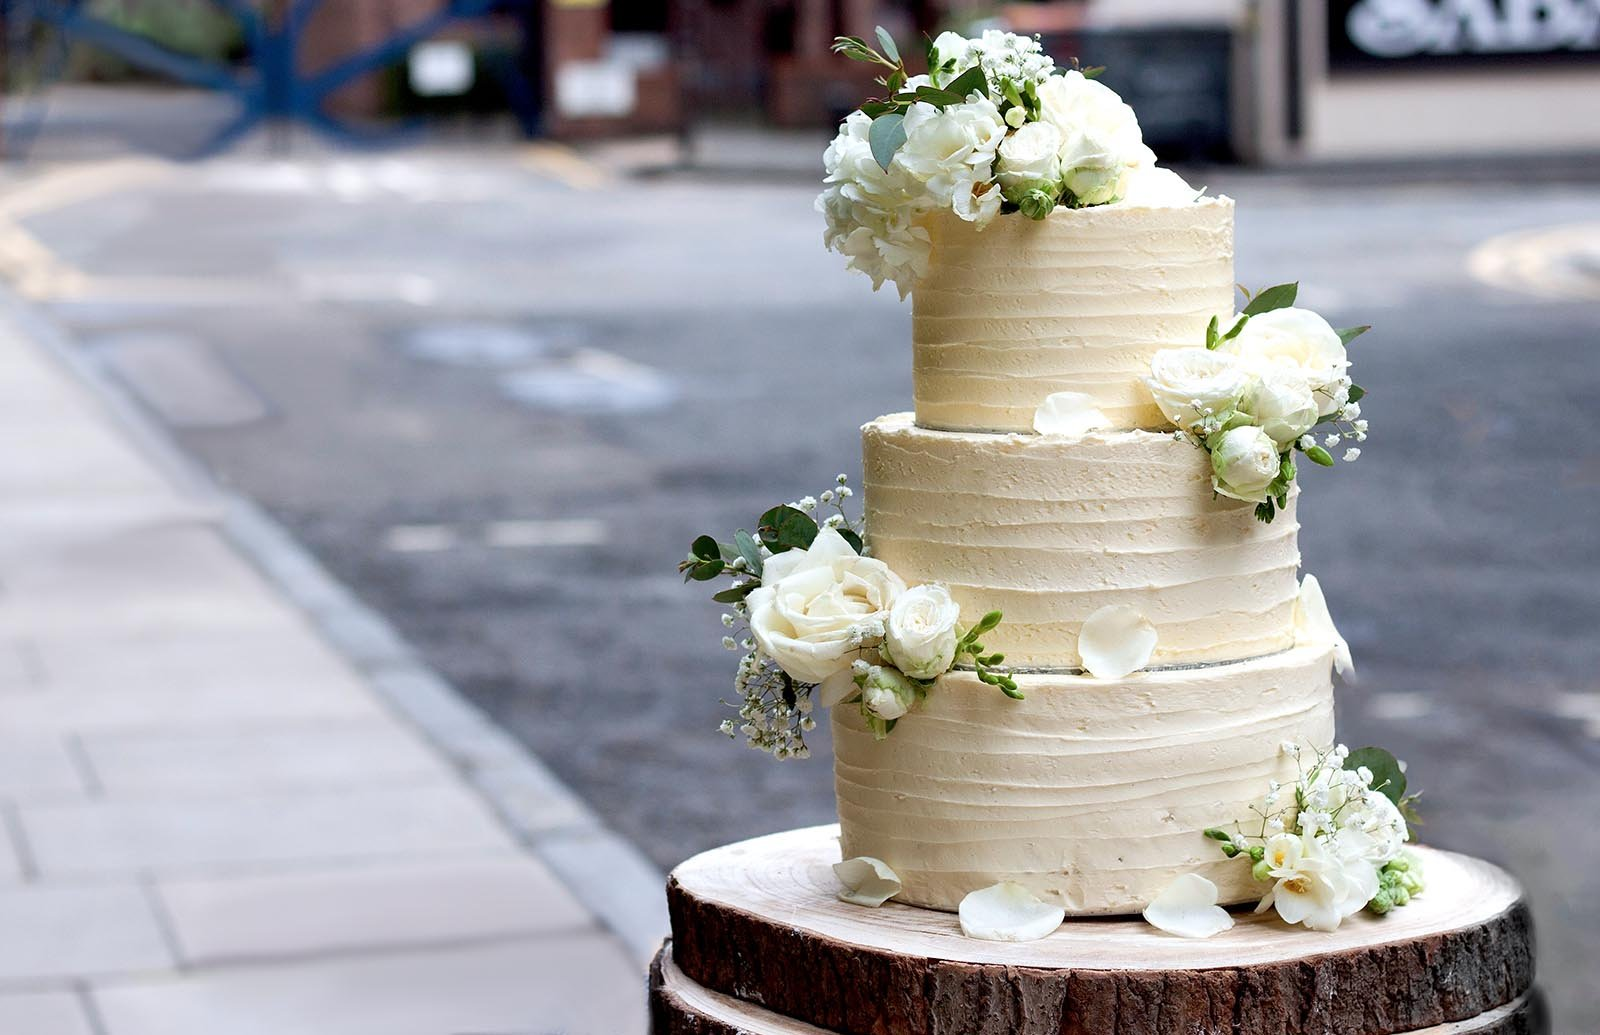 Vegane Hochzeitstorte Zitronen Holunderbluten Torte